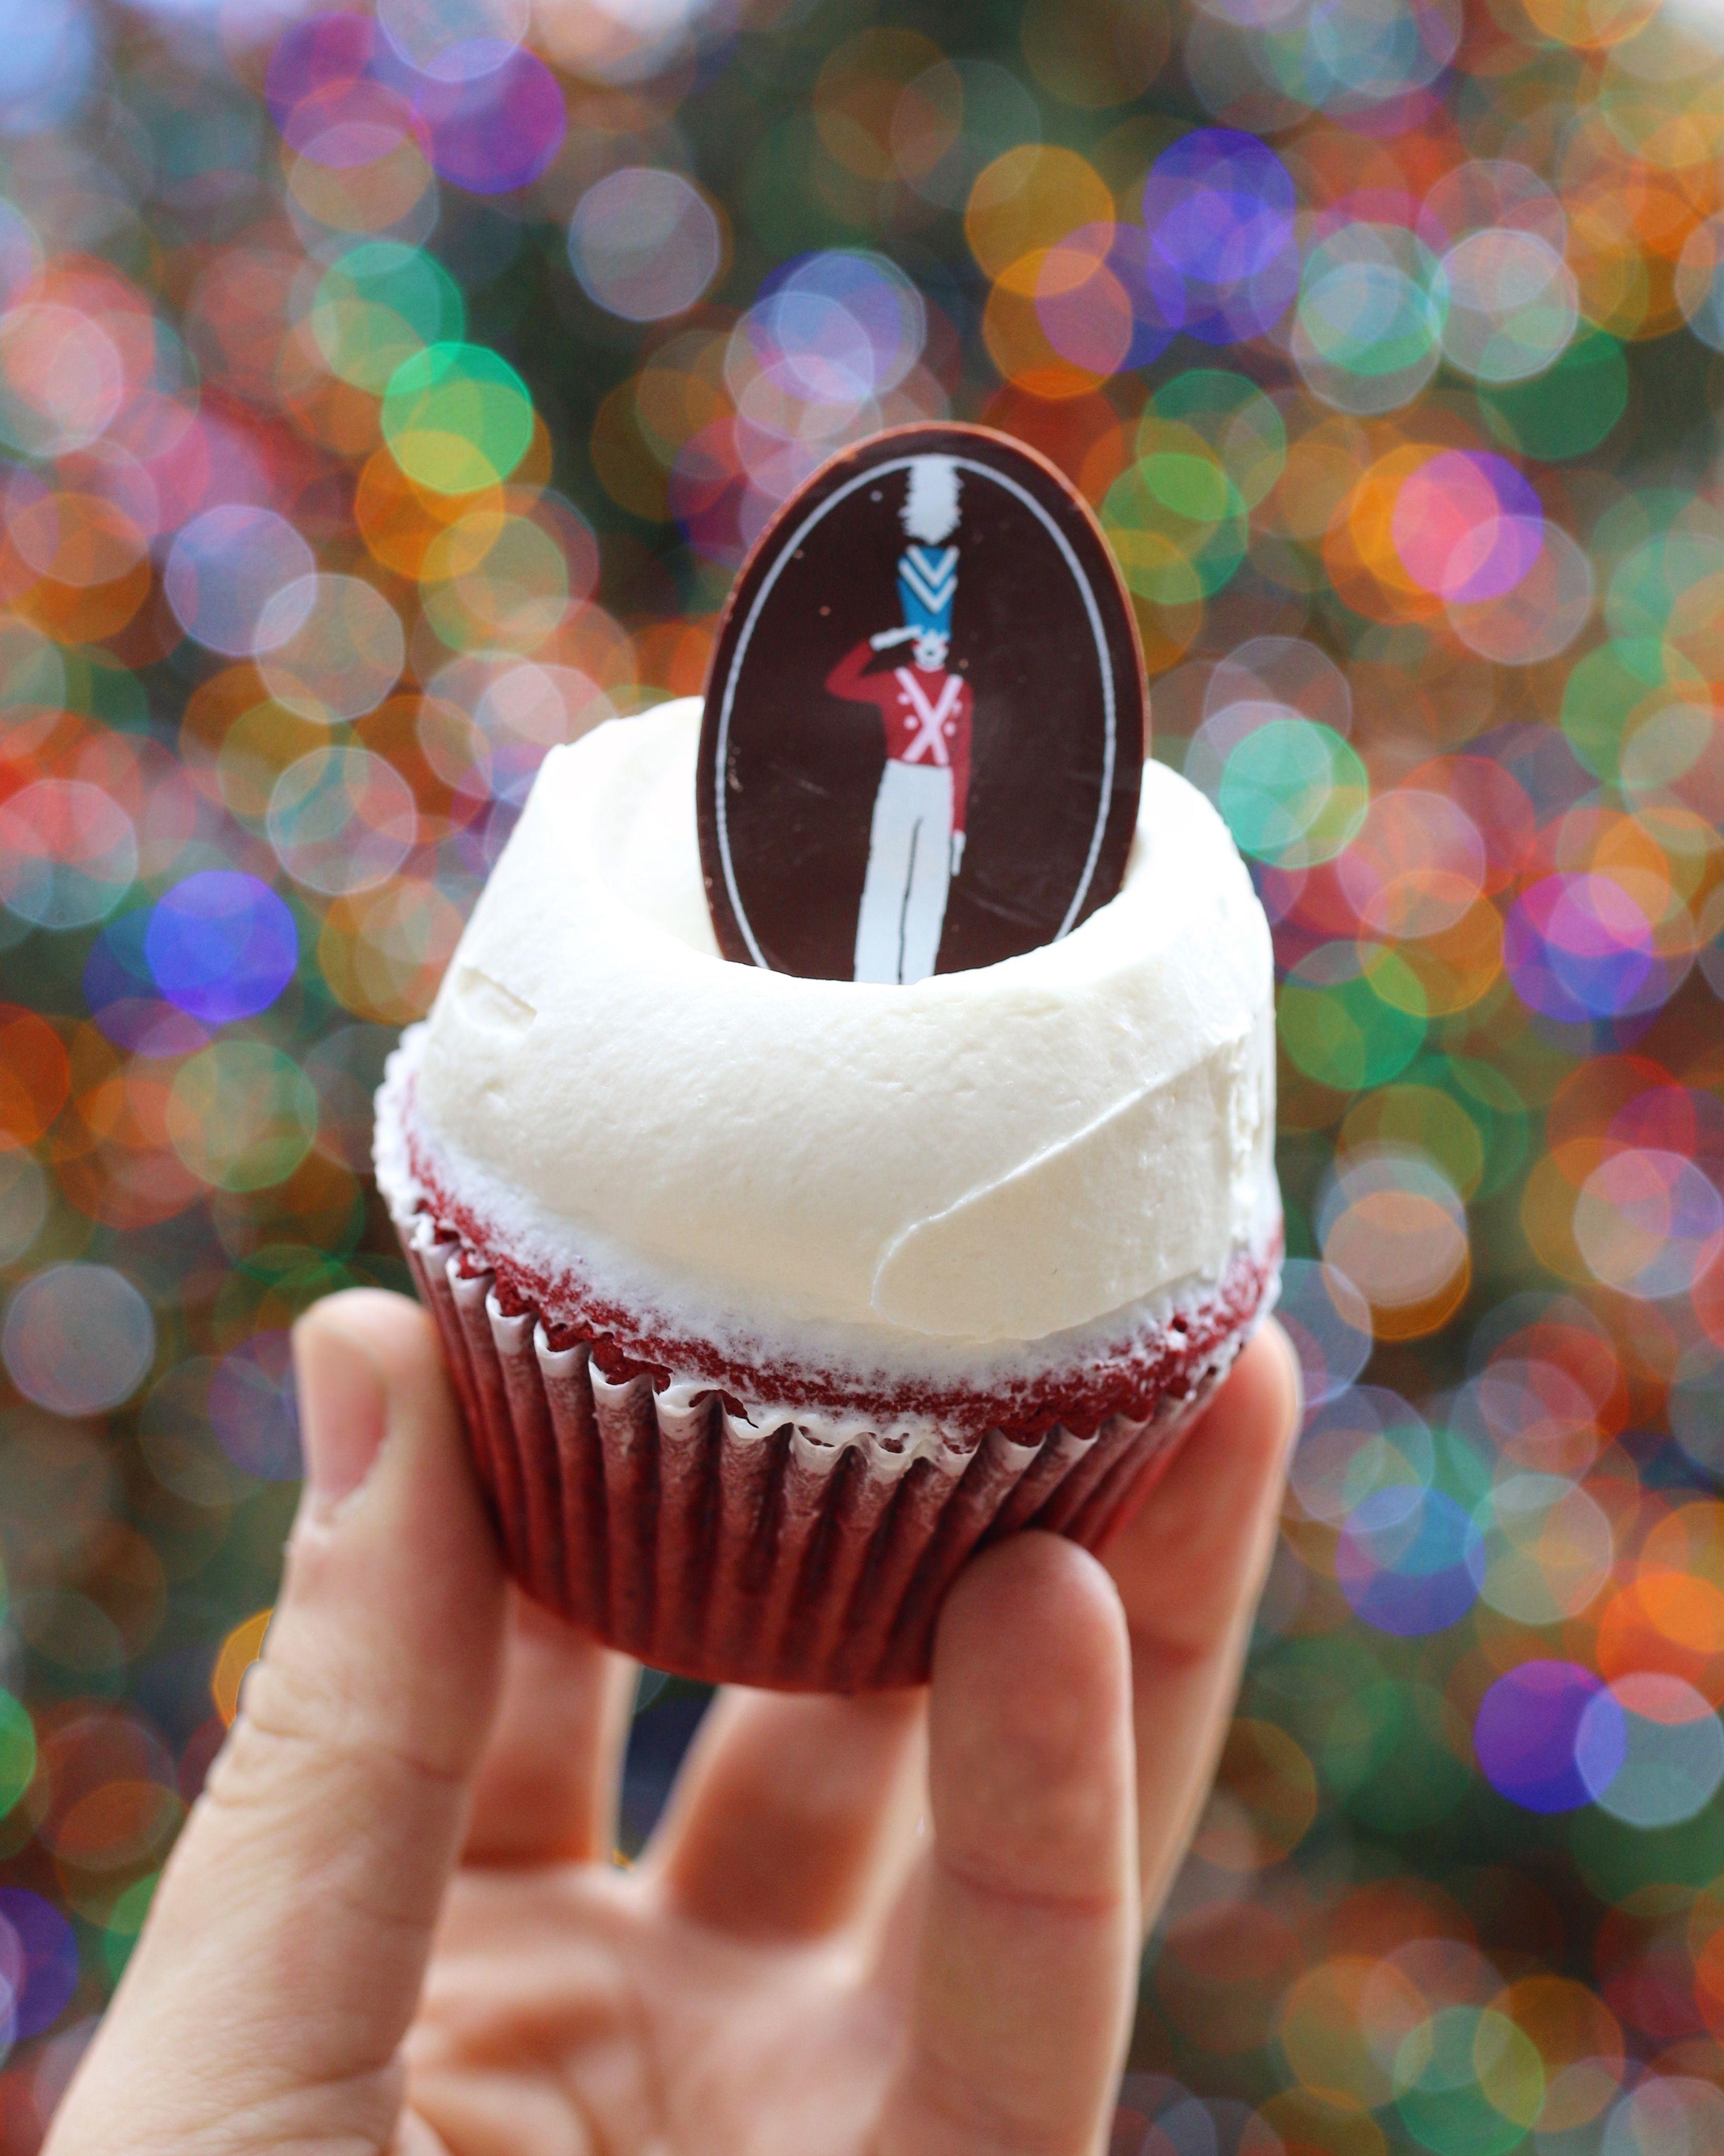 Radio City Rockettes x Magnolia Bakery Cupcake in 2020 | Magnolias